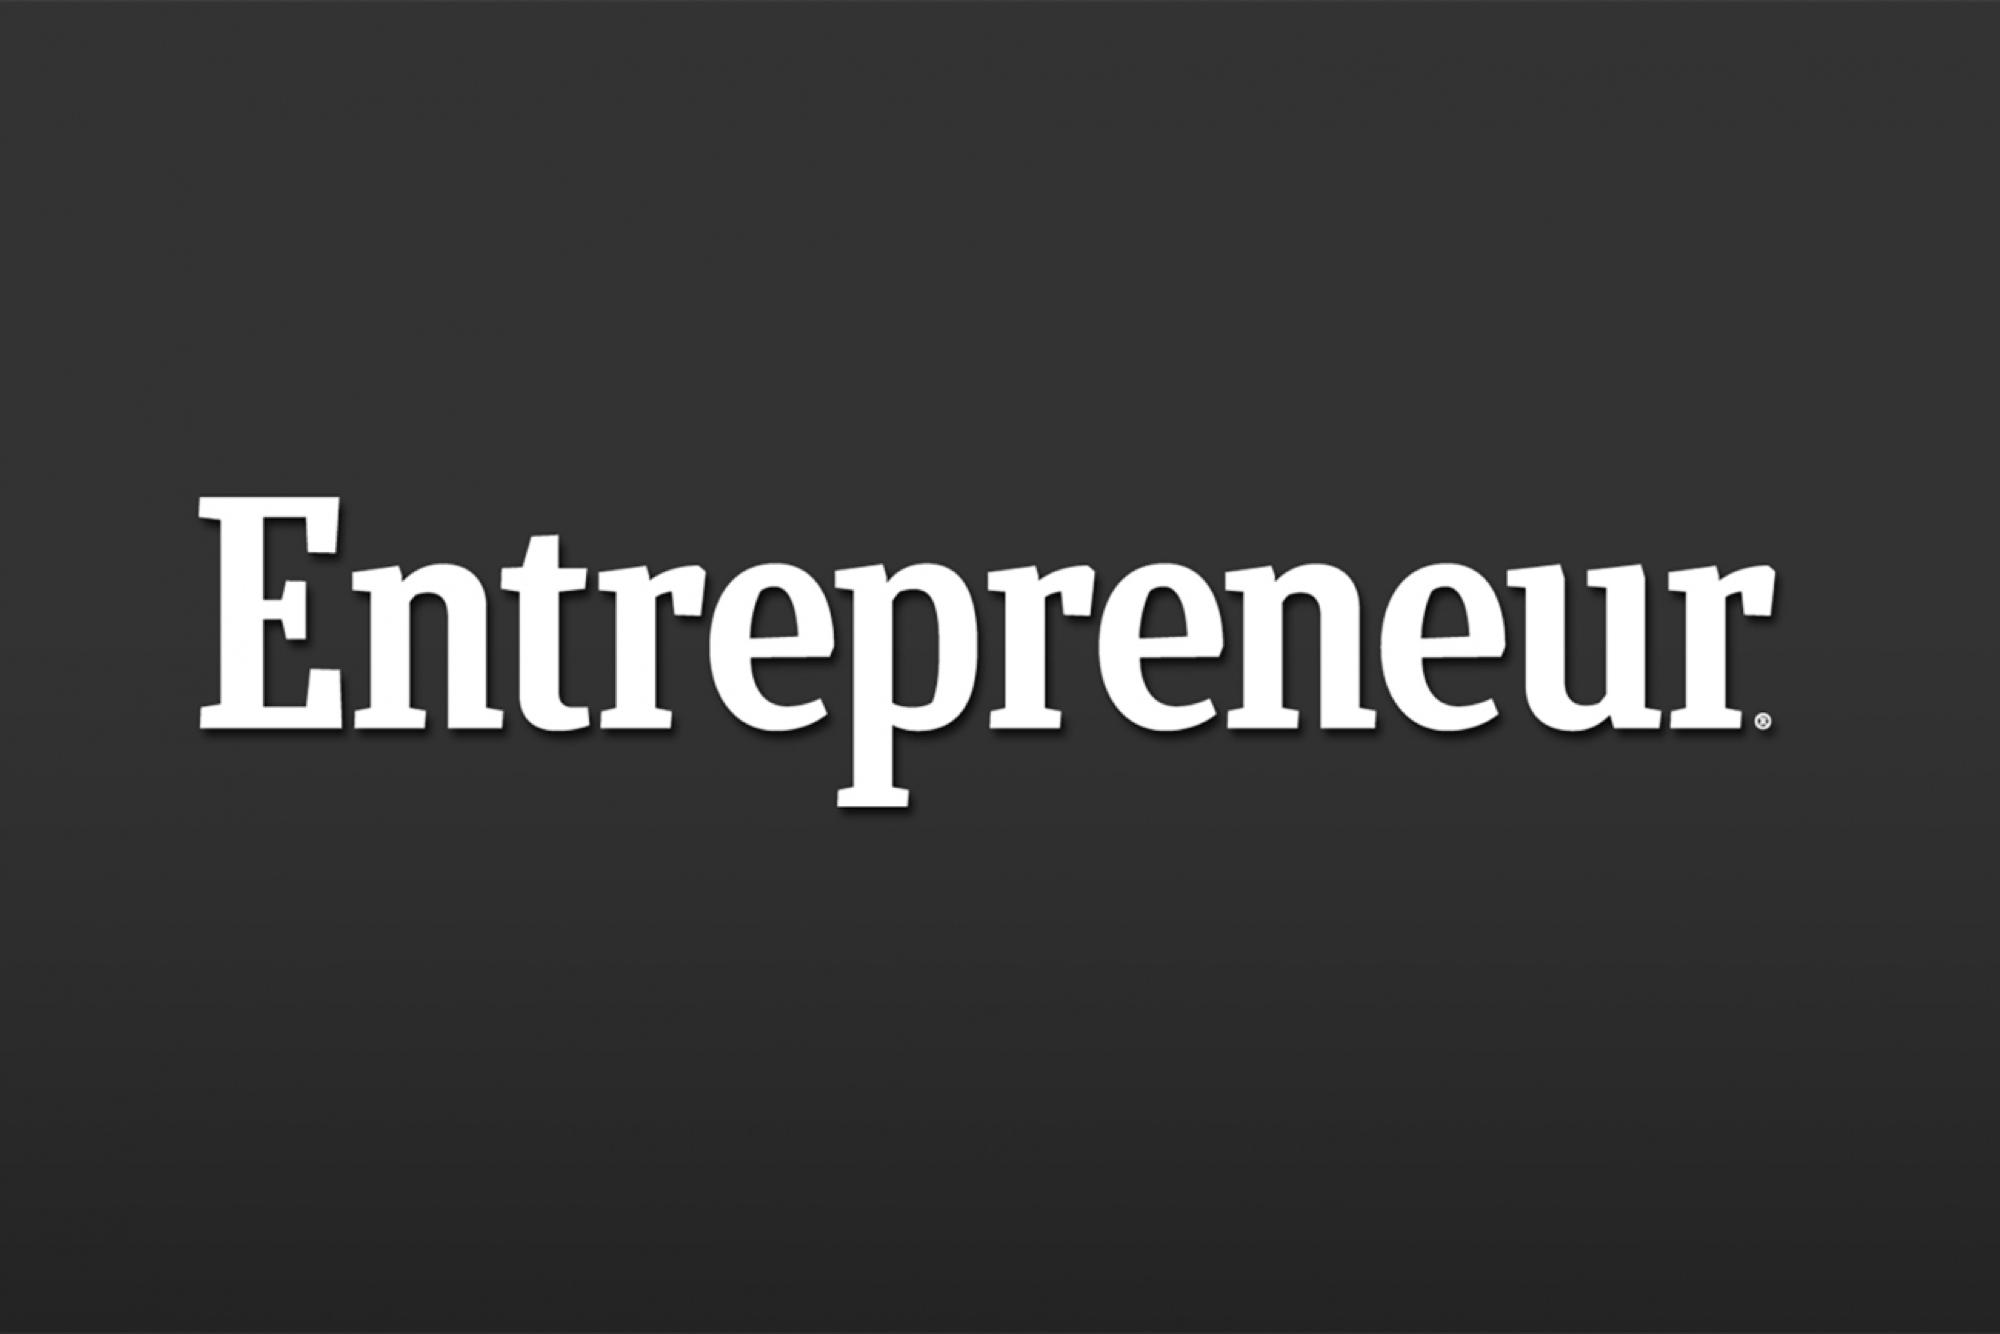 Entrepreneur\'s Franchise Explorer.